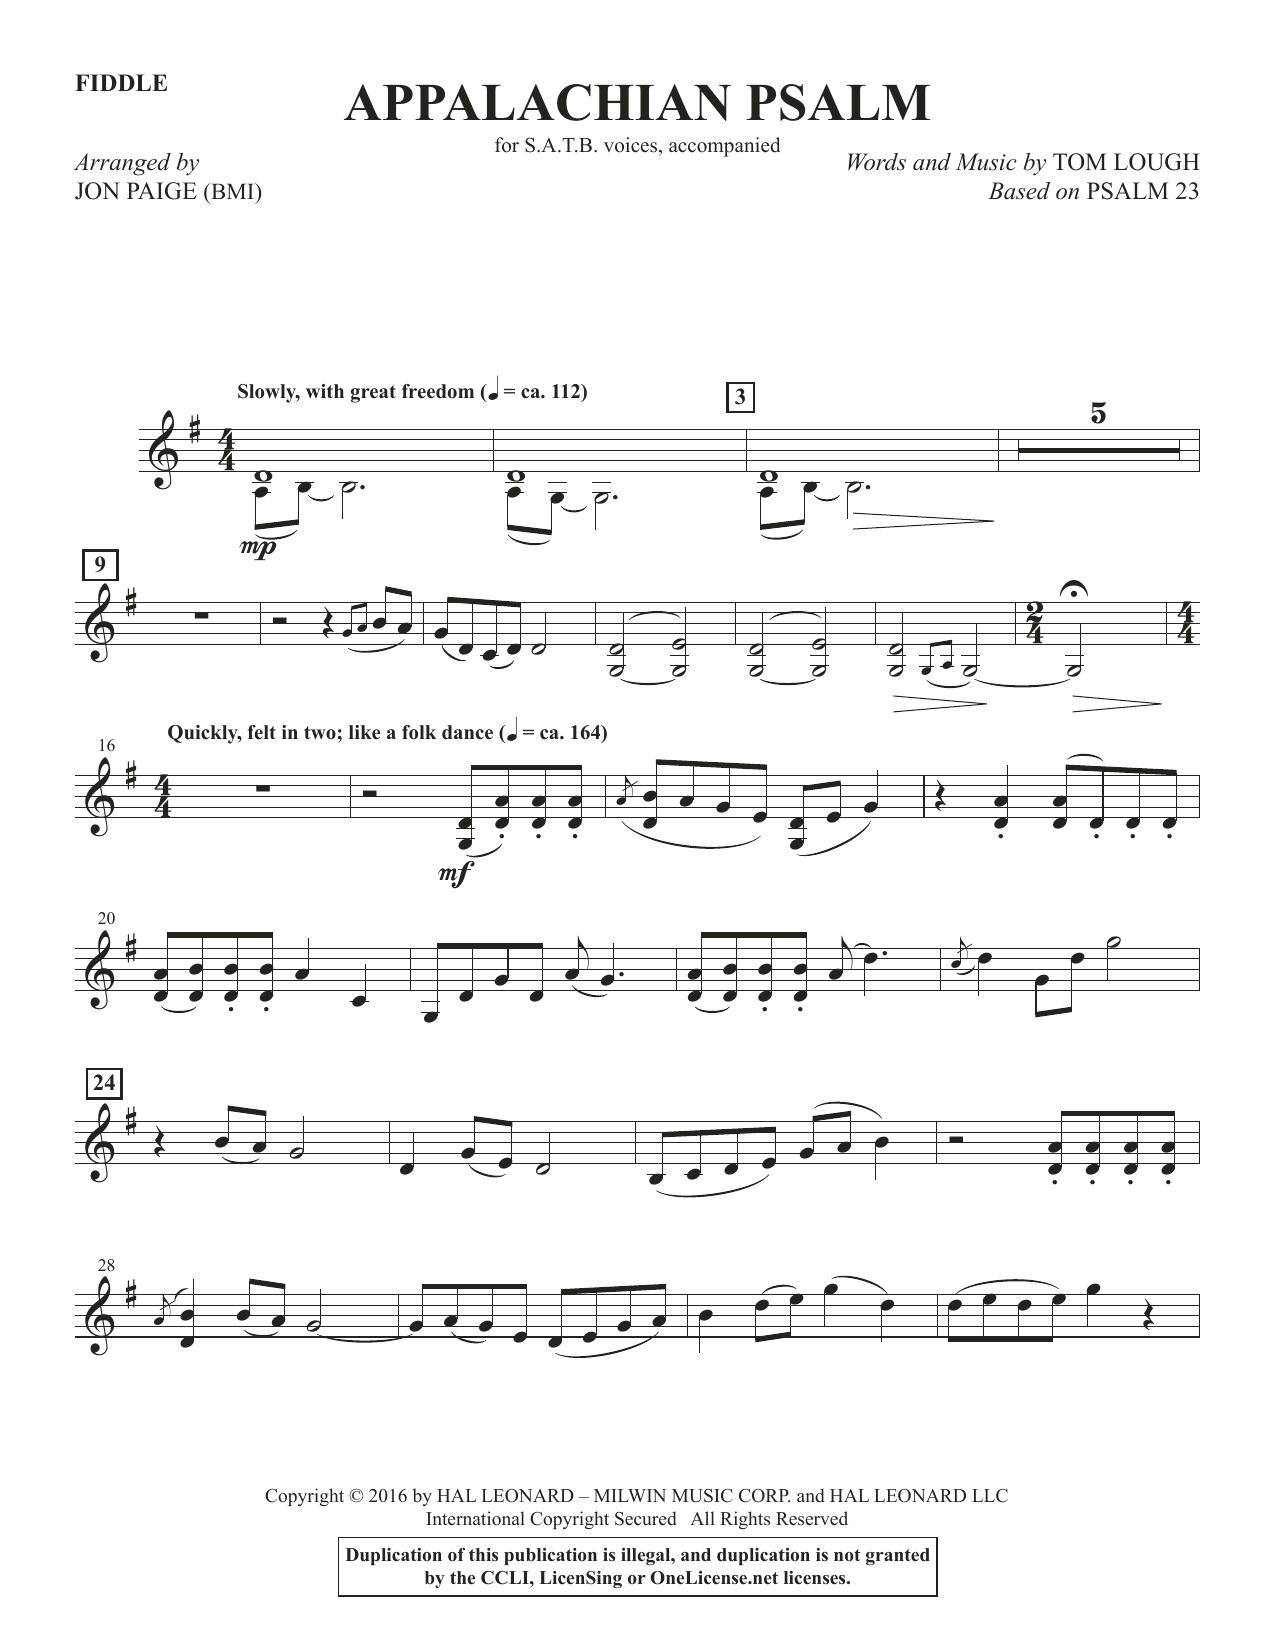 Appalachian Psalm - Fiddle Sheet Music